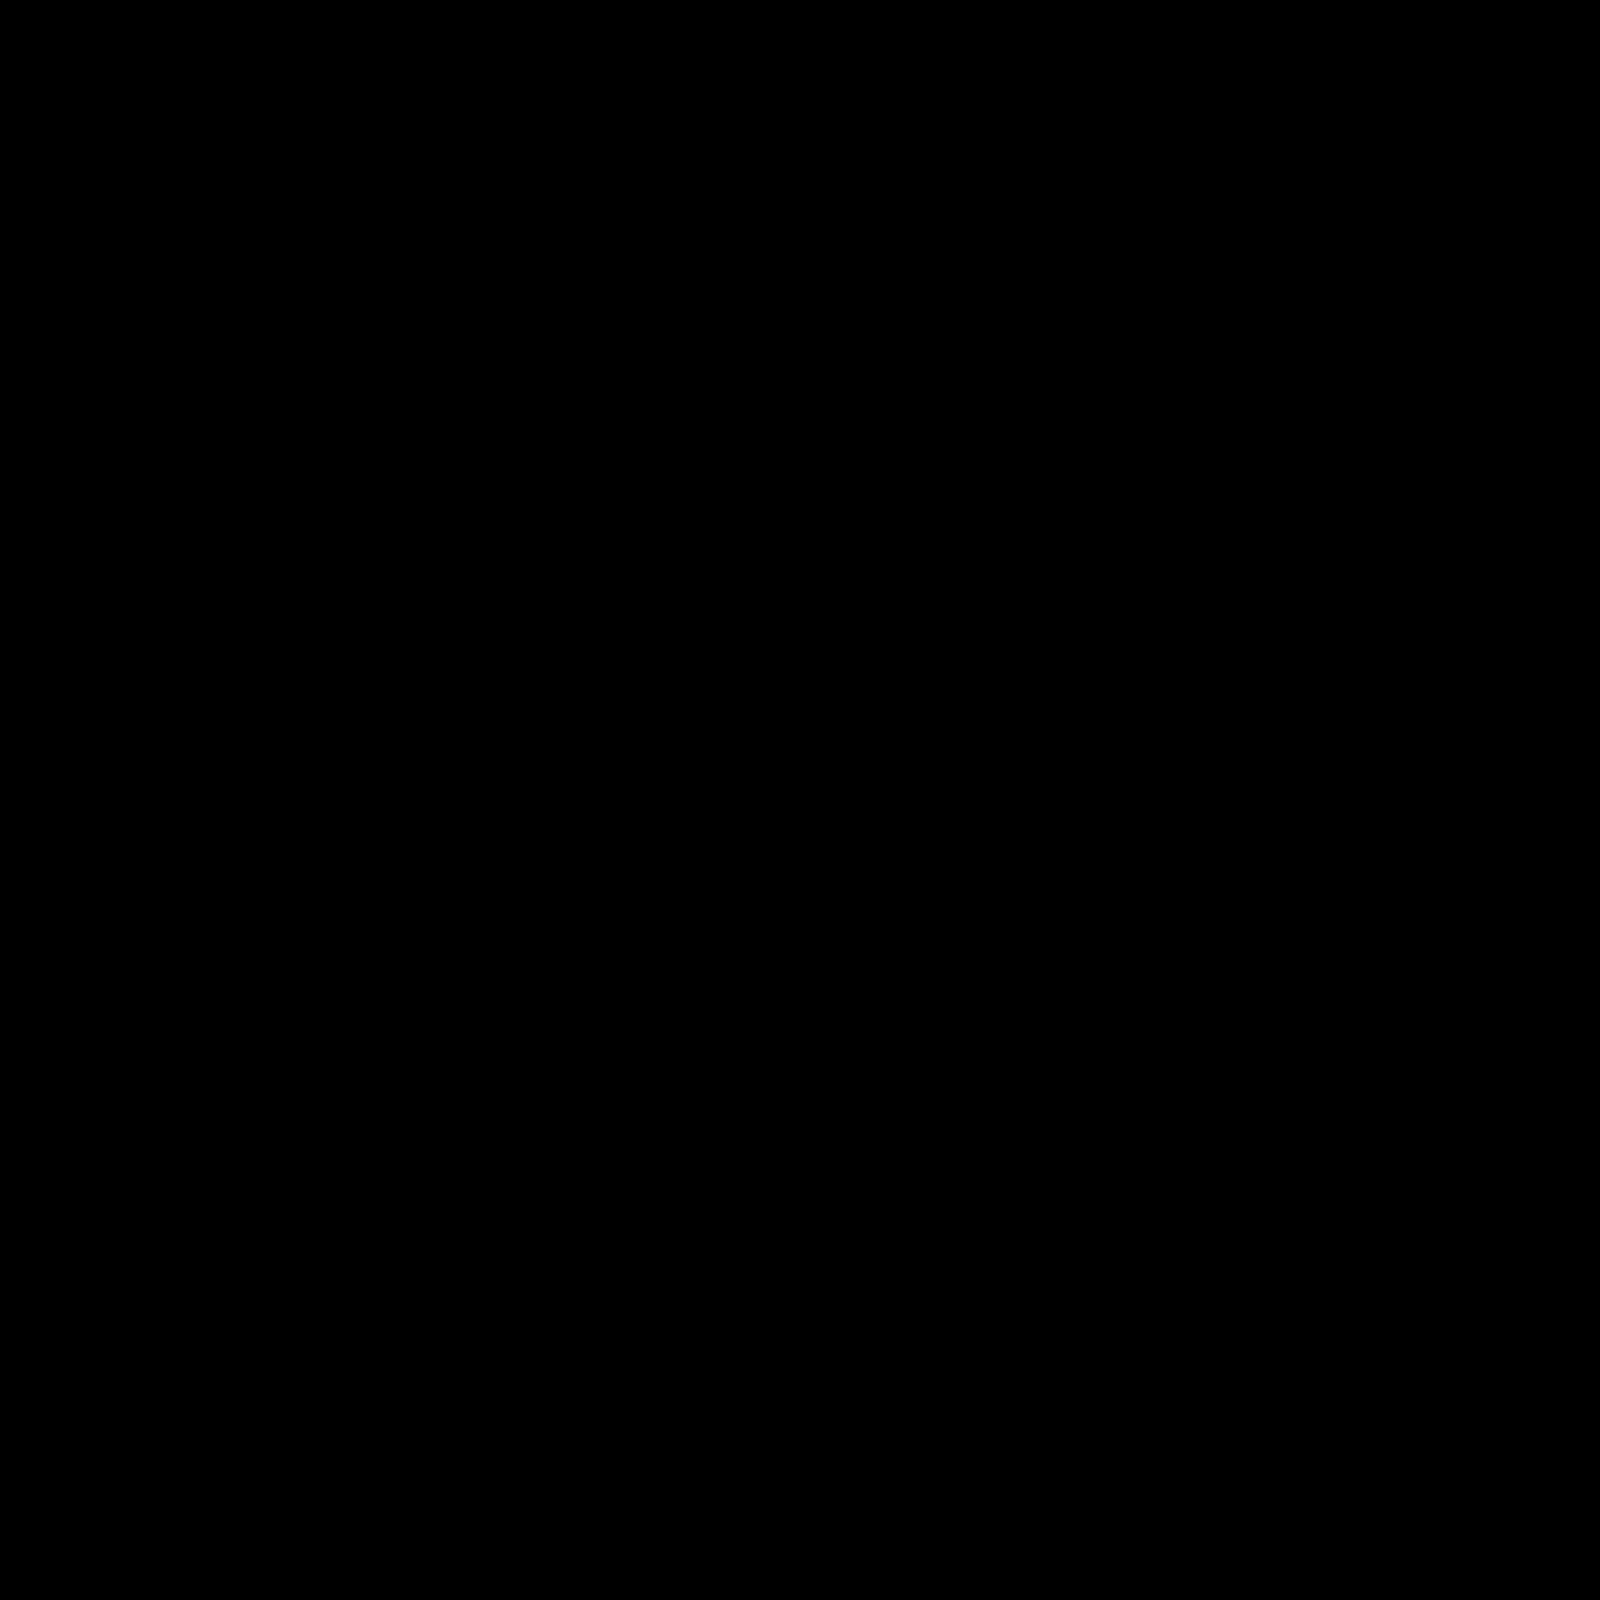 Cerchiato 4 C icon